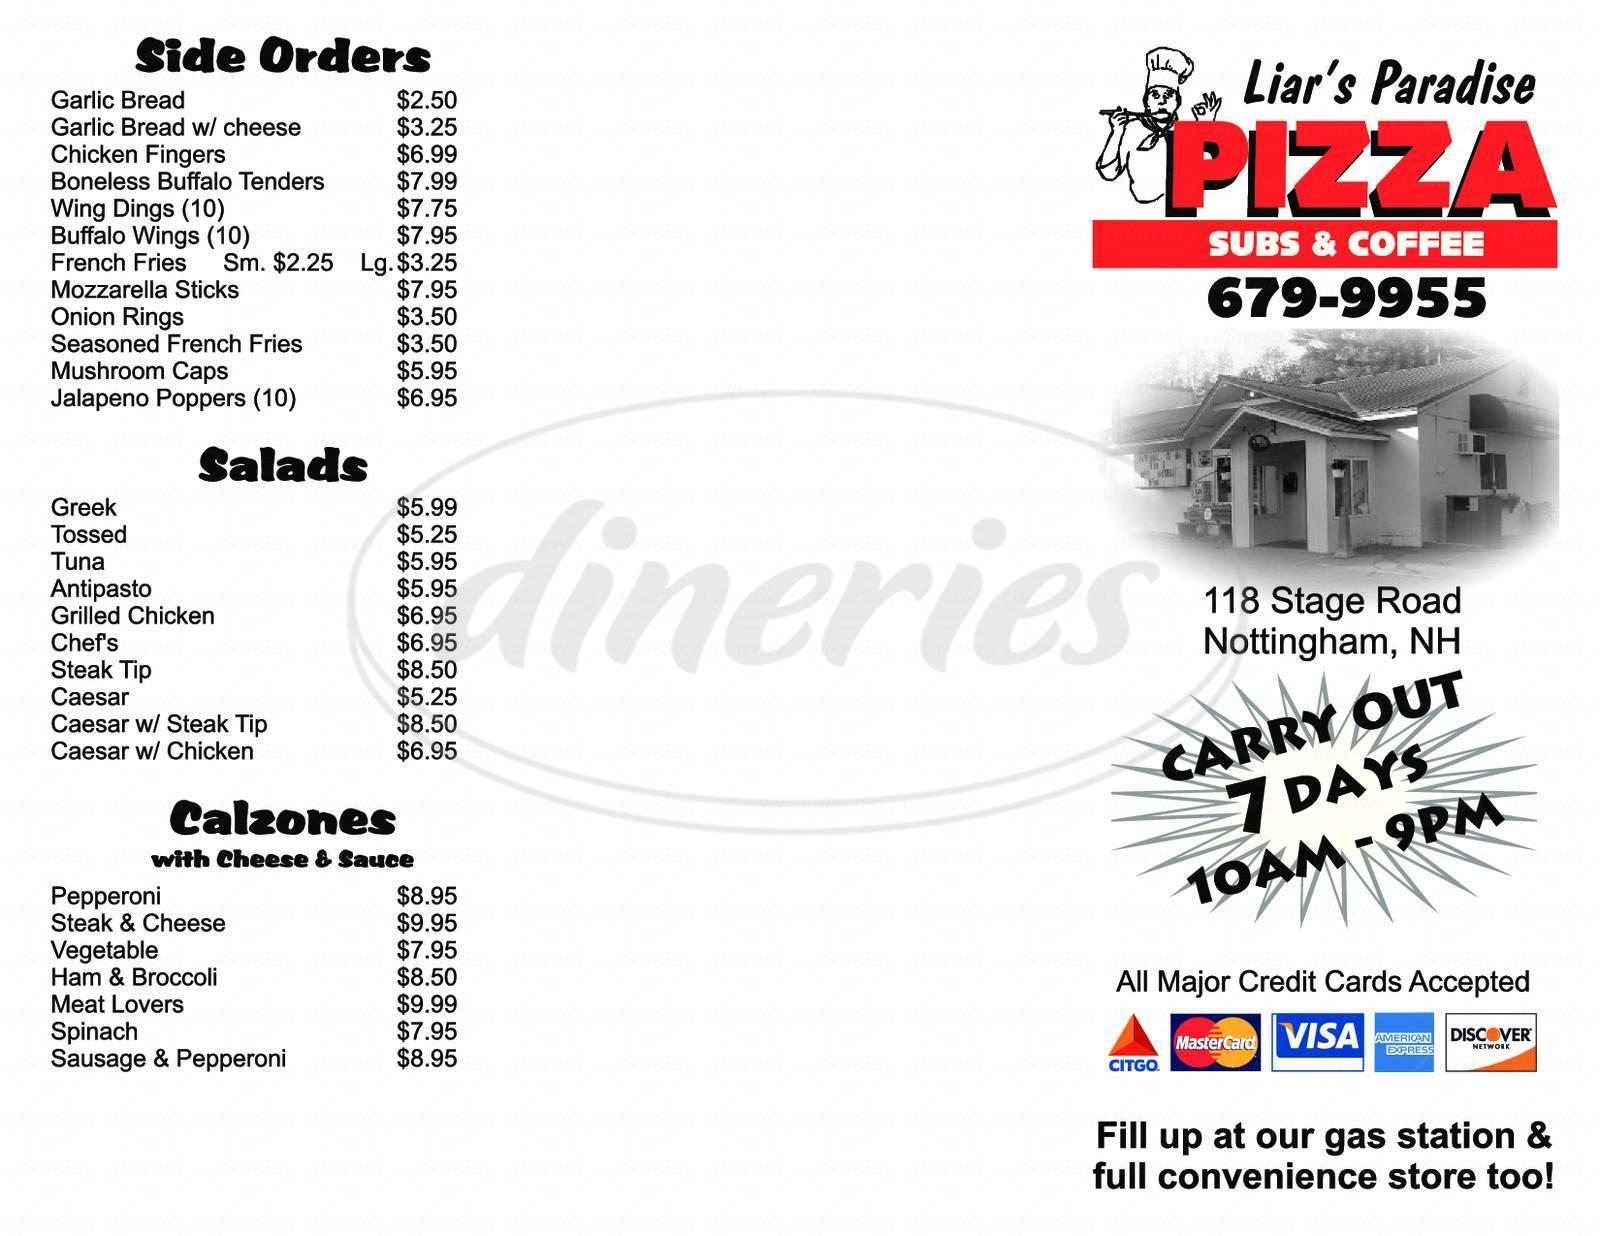 menu for Liar's Paradise Pizza